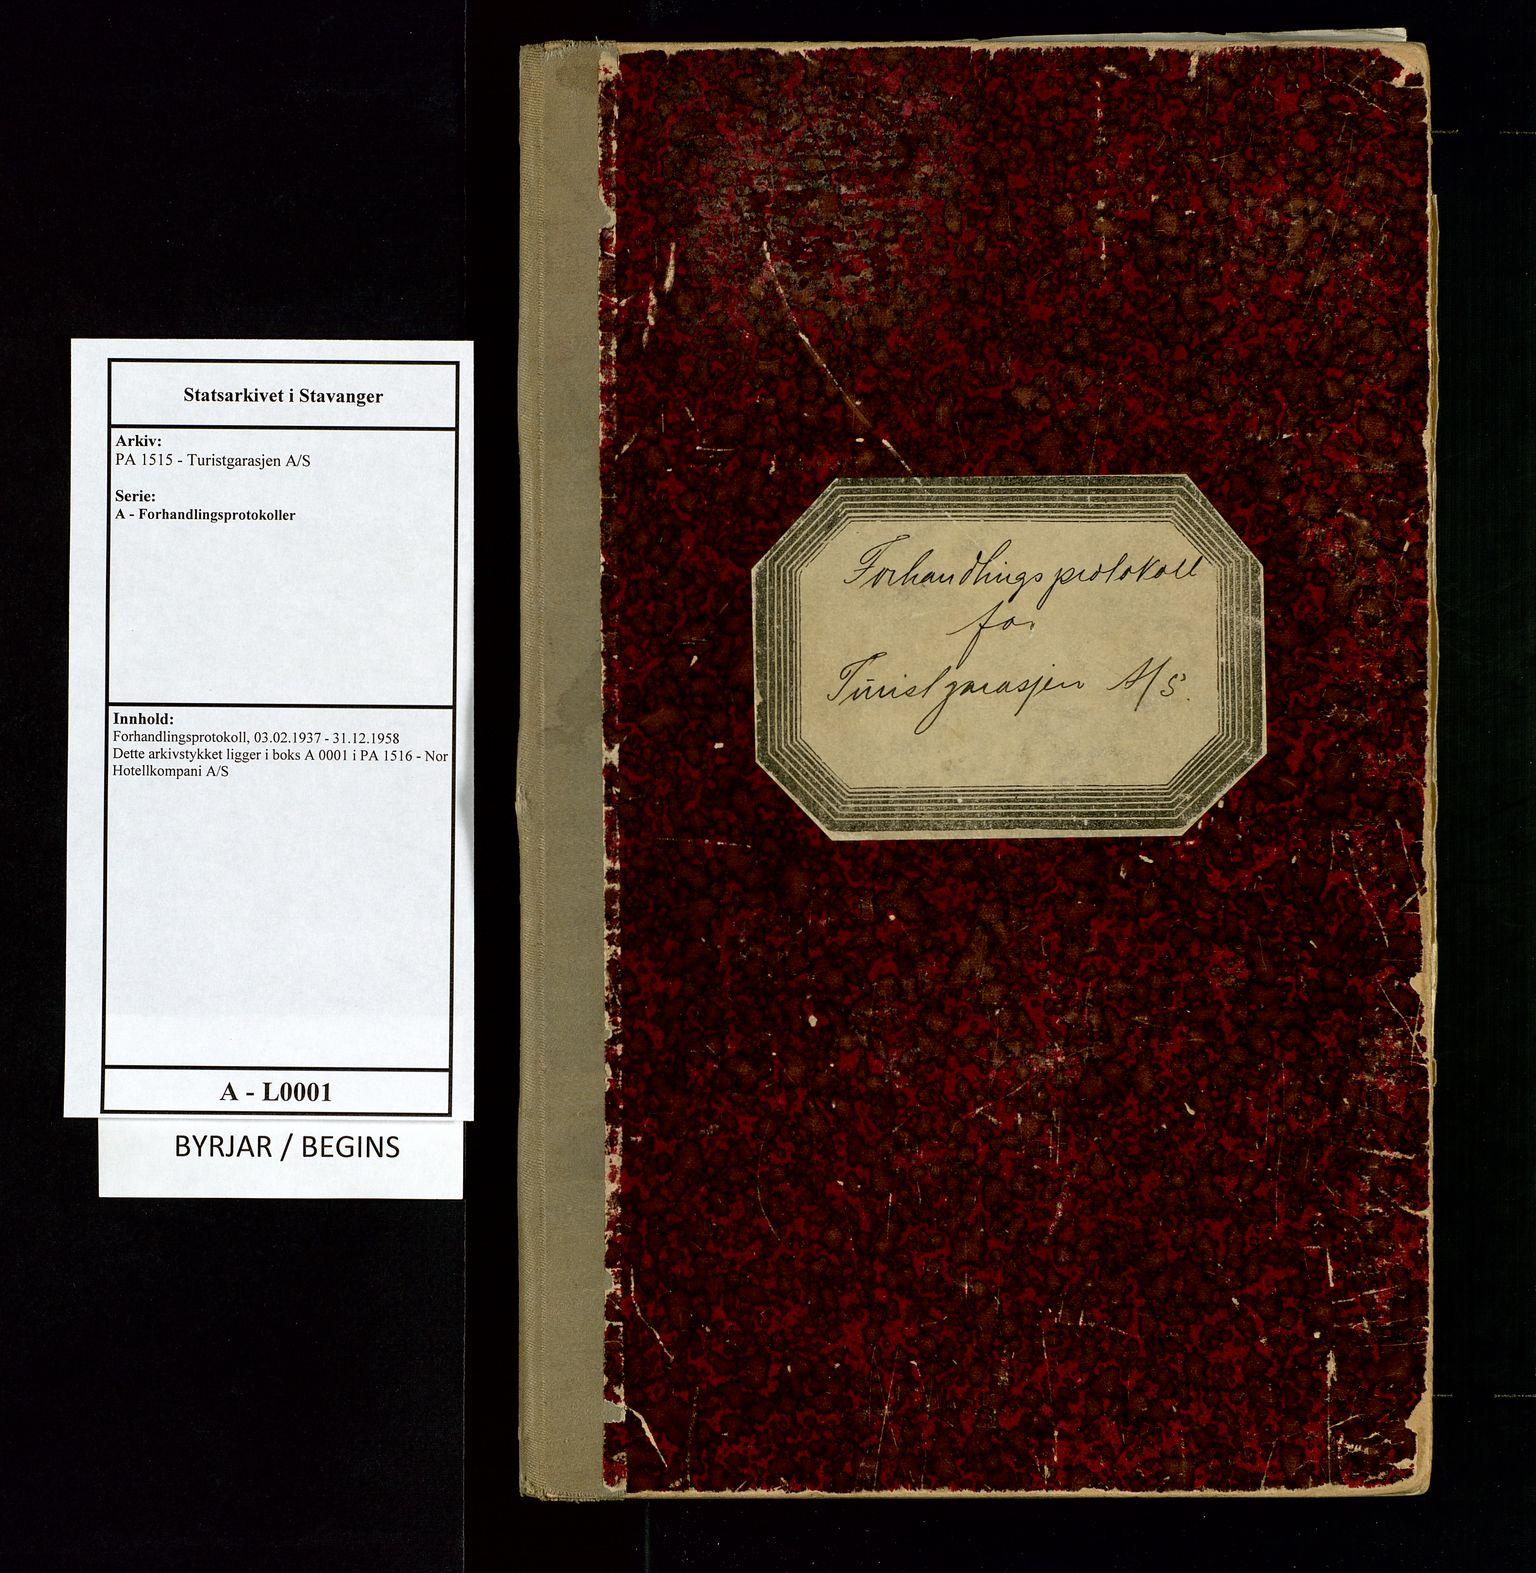 SAST, PA 1515 - Turistgarasjen A/S, A/L0001: Forhandlingsprotokoll, 1937-1958, s. 1